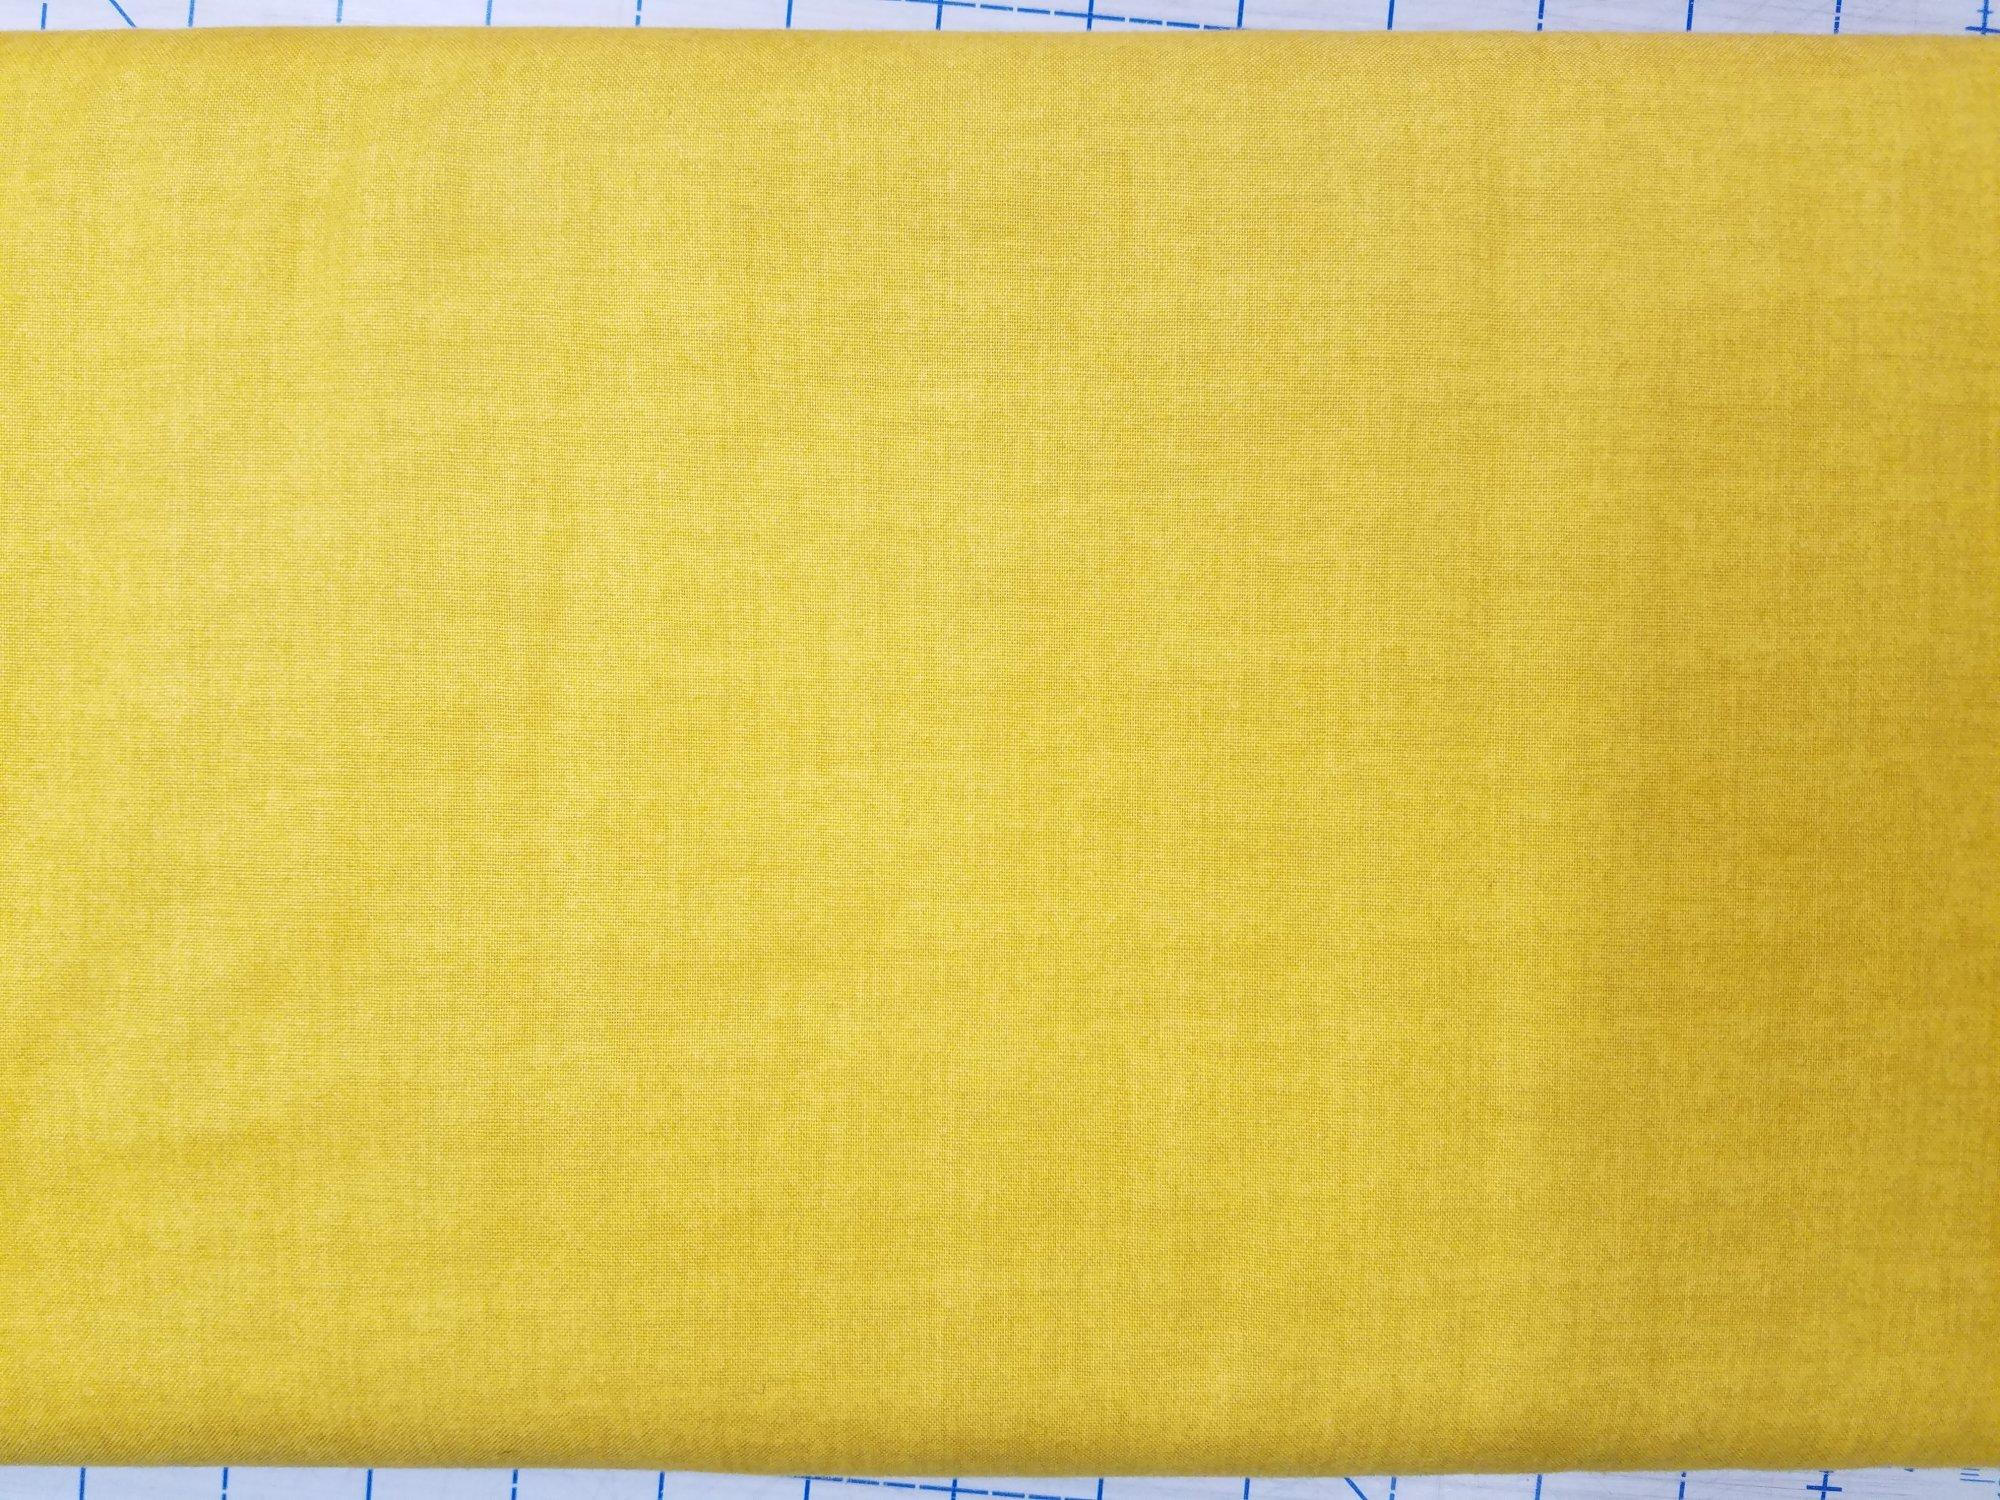 Linen Texture - Y4